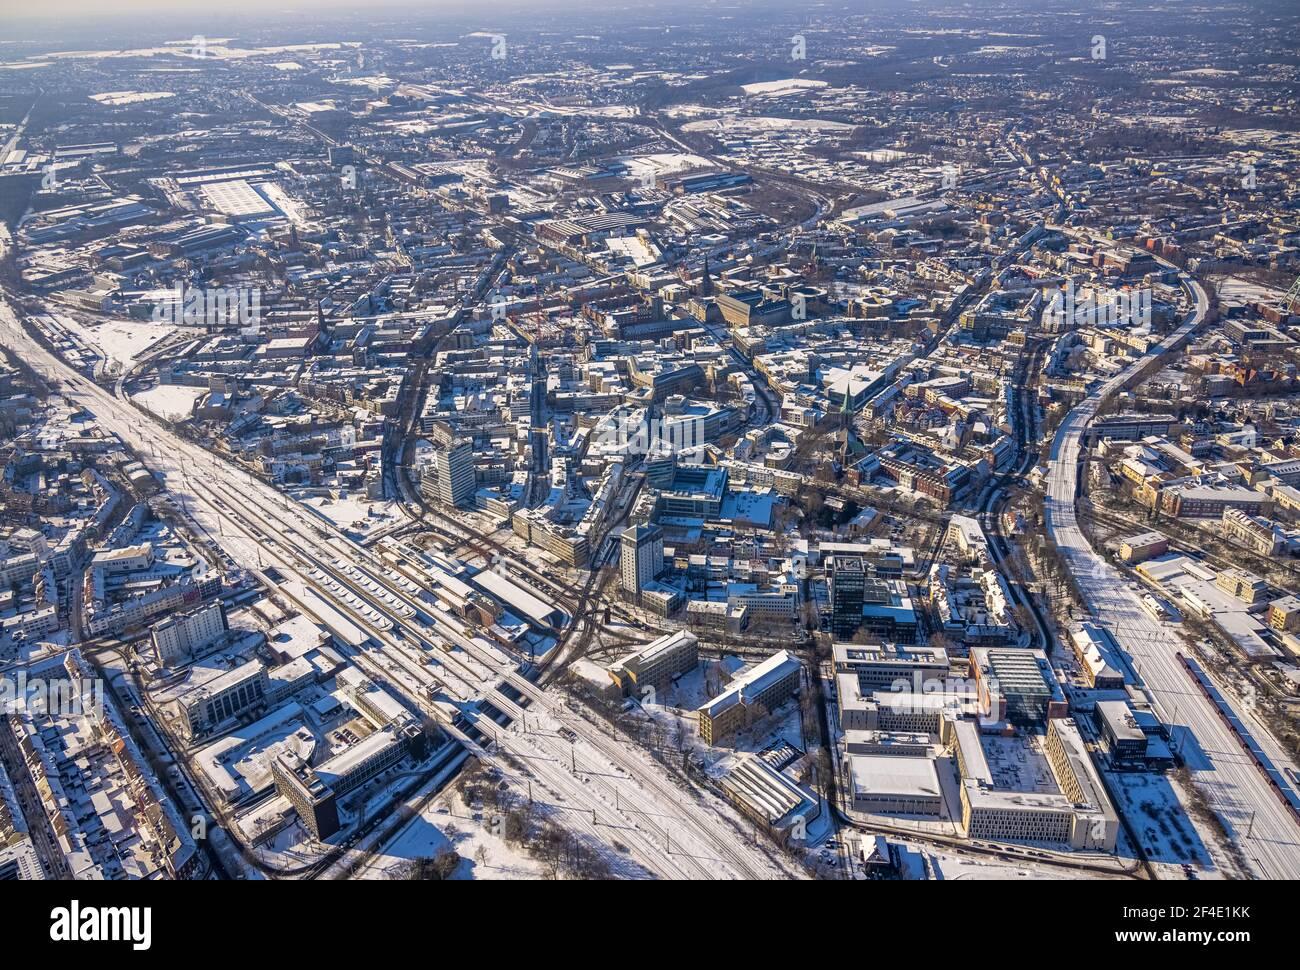 Luftaufnahme, Stadtansicht, Hauptbahnhof, Gleisdreieck, Bochum, Ruhrgebiet, Nordrhein-Westfalen, Deutschland, Bahngleise, Bahnhof, Stadt, DE, Deutsche Stockfoto